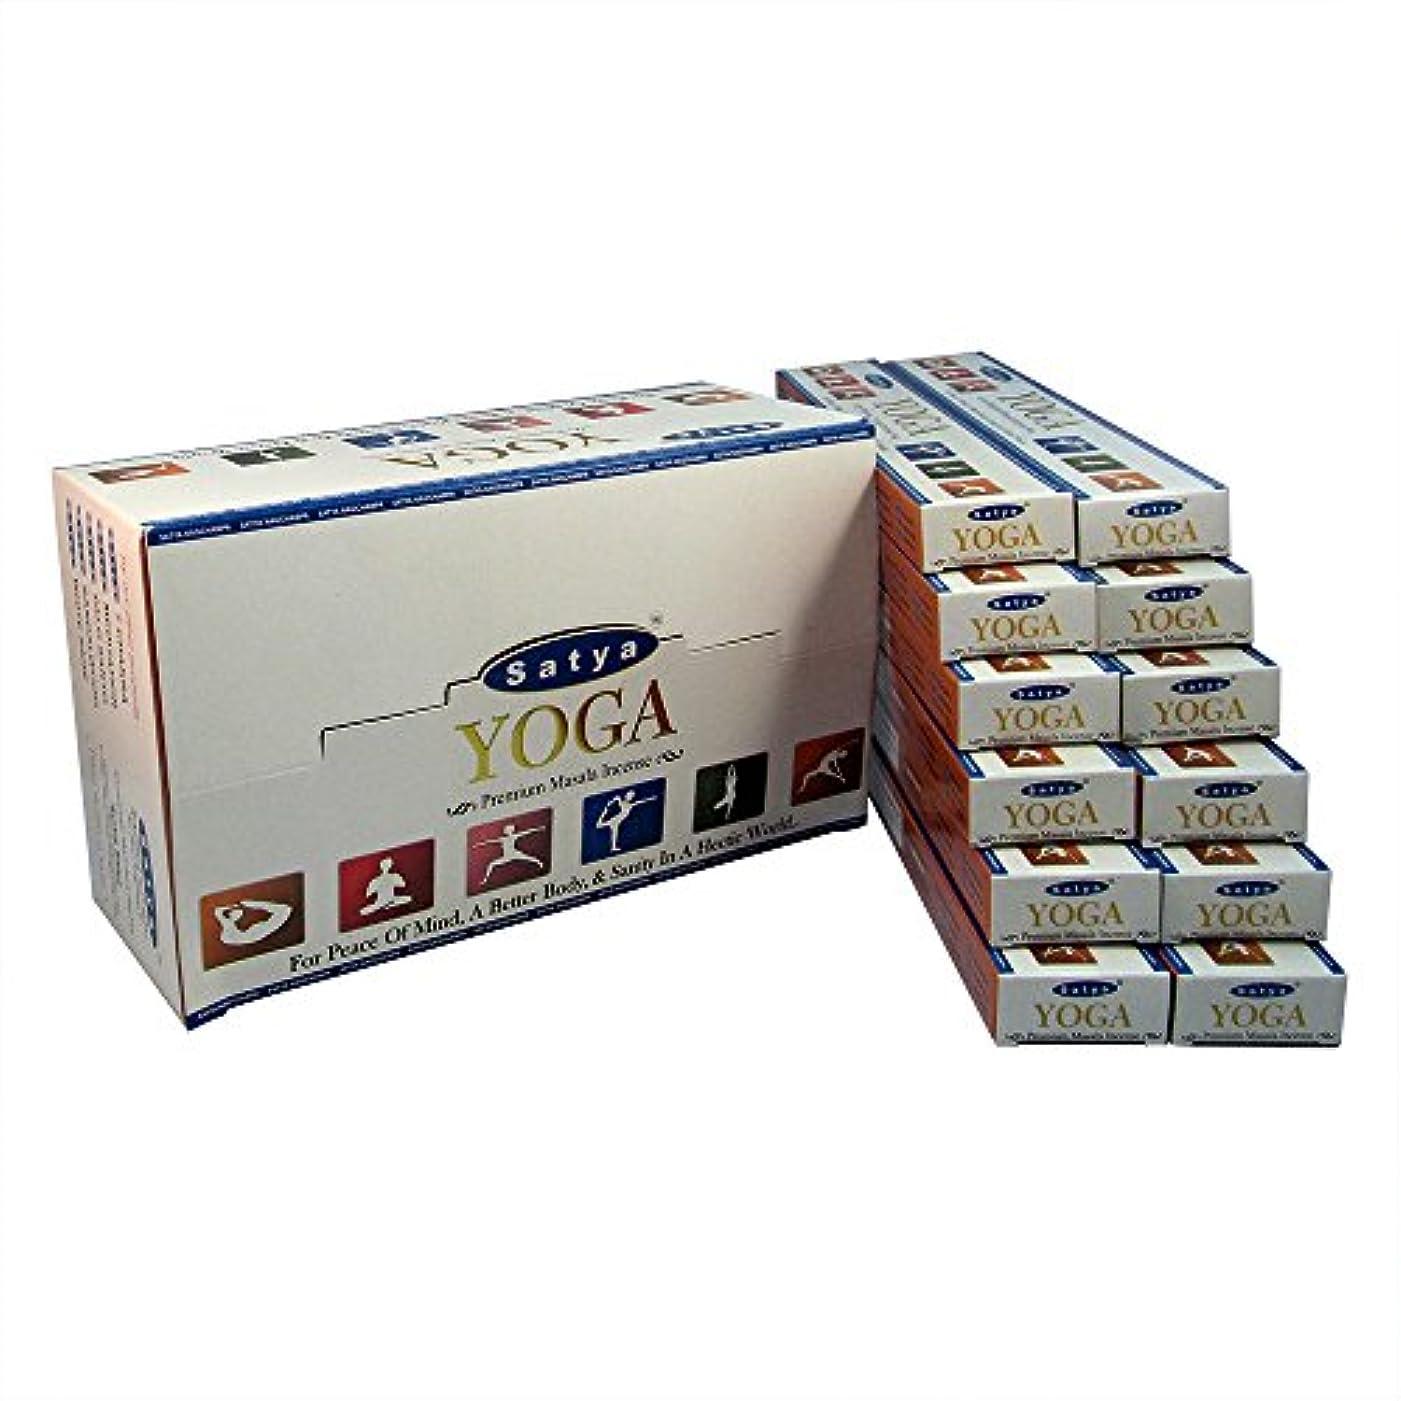 つぶやき期限カビSatya プレミアム ヨガ お香スティック アガーバッティ 180グラム ボックス 各15グラム 1箱12パック プレミアム品質